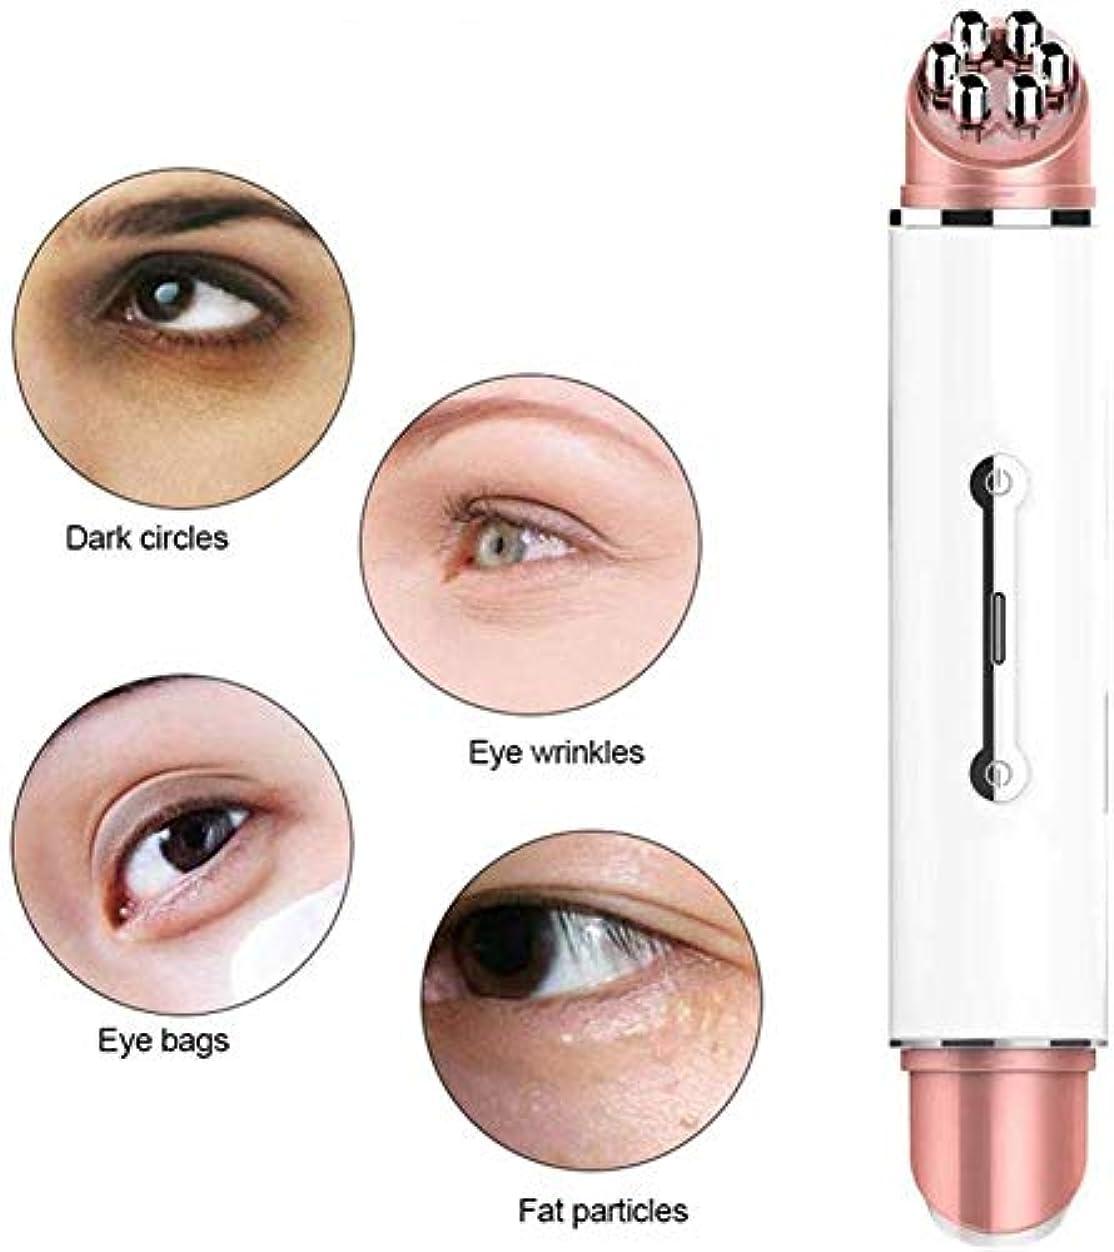 ユーザー木製説教する目のマッサージ装置、肌の若返りビューティーワンド、ダークサークルとシワ、老化防止高周波振動 加熱されたLEDヒートマッサージ